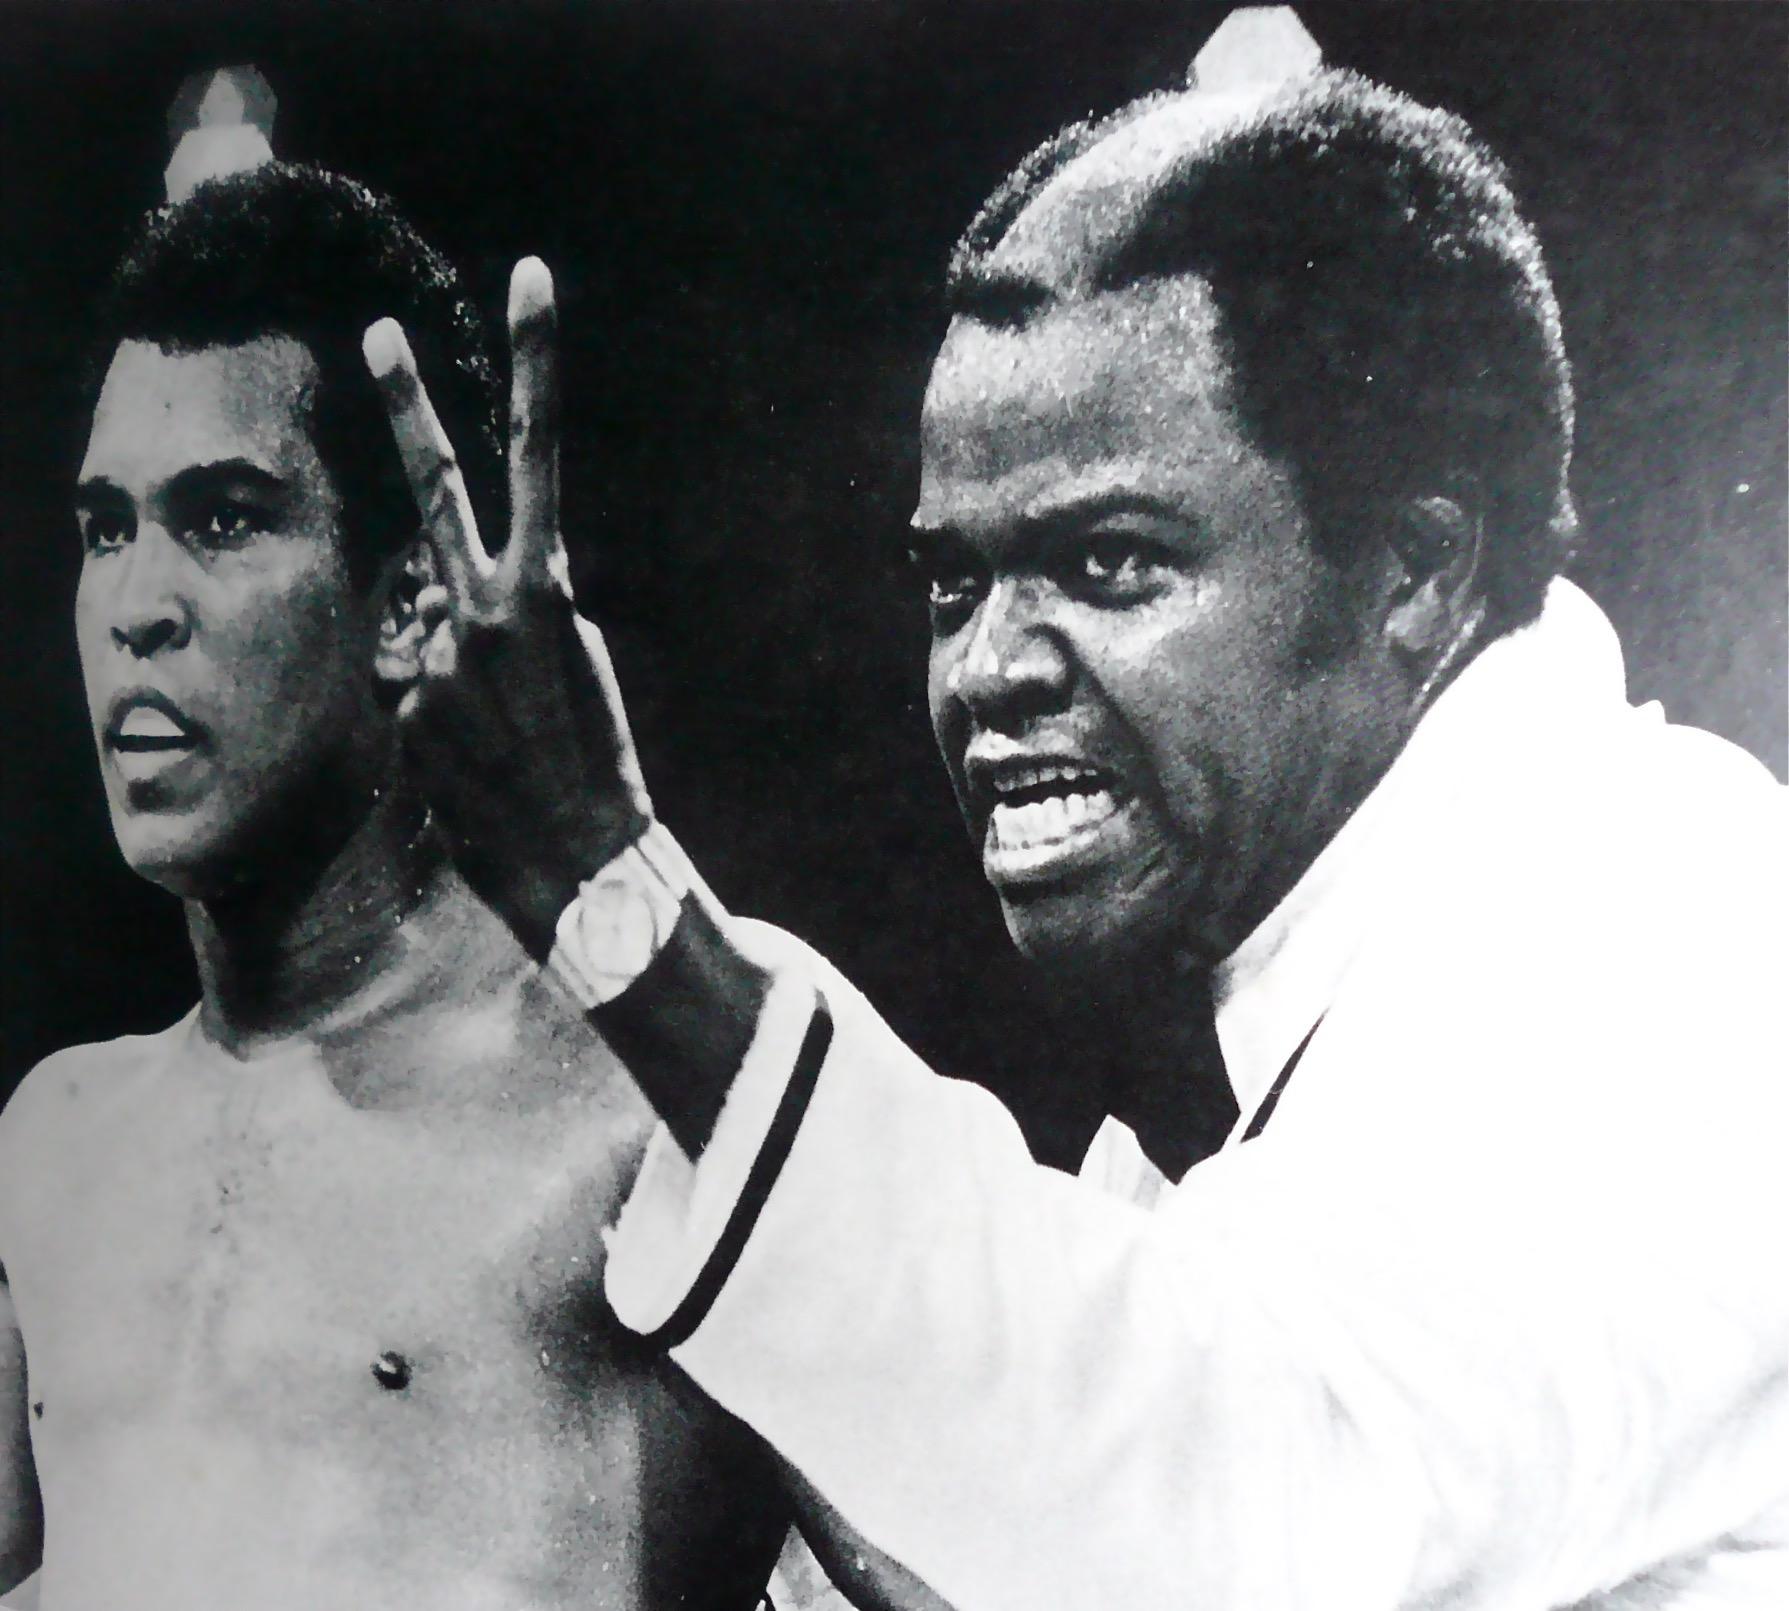 """Bundini Brown and Ali - """"Can't beat both of us!"""""""